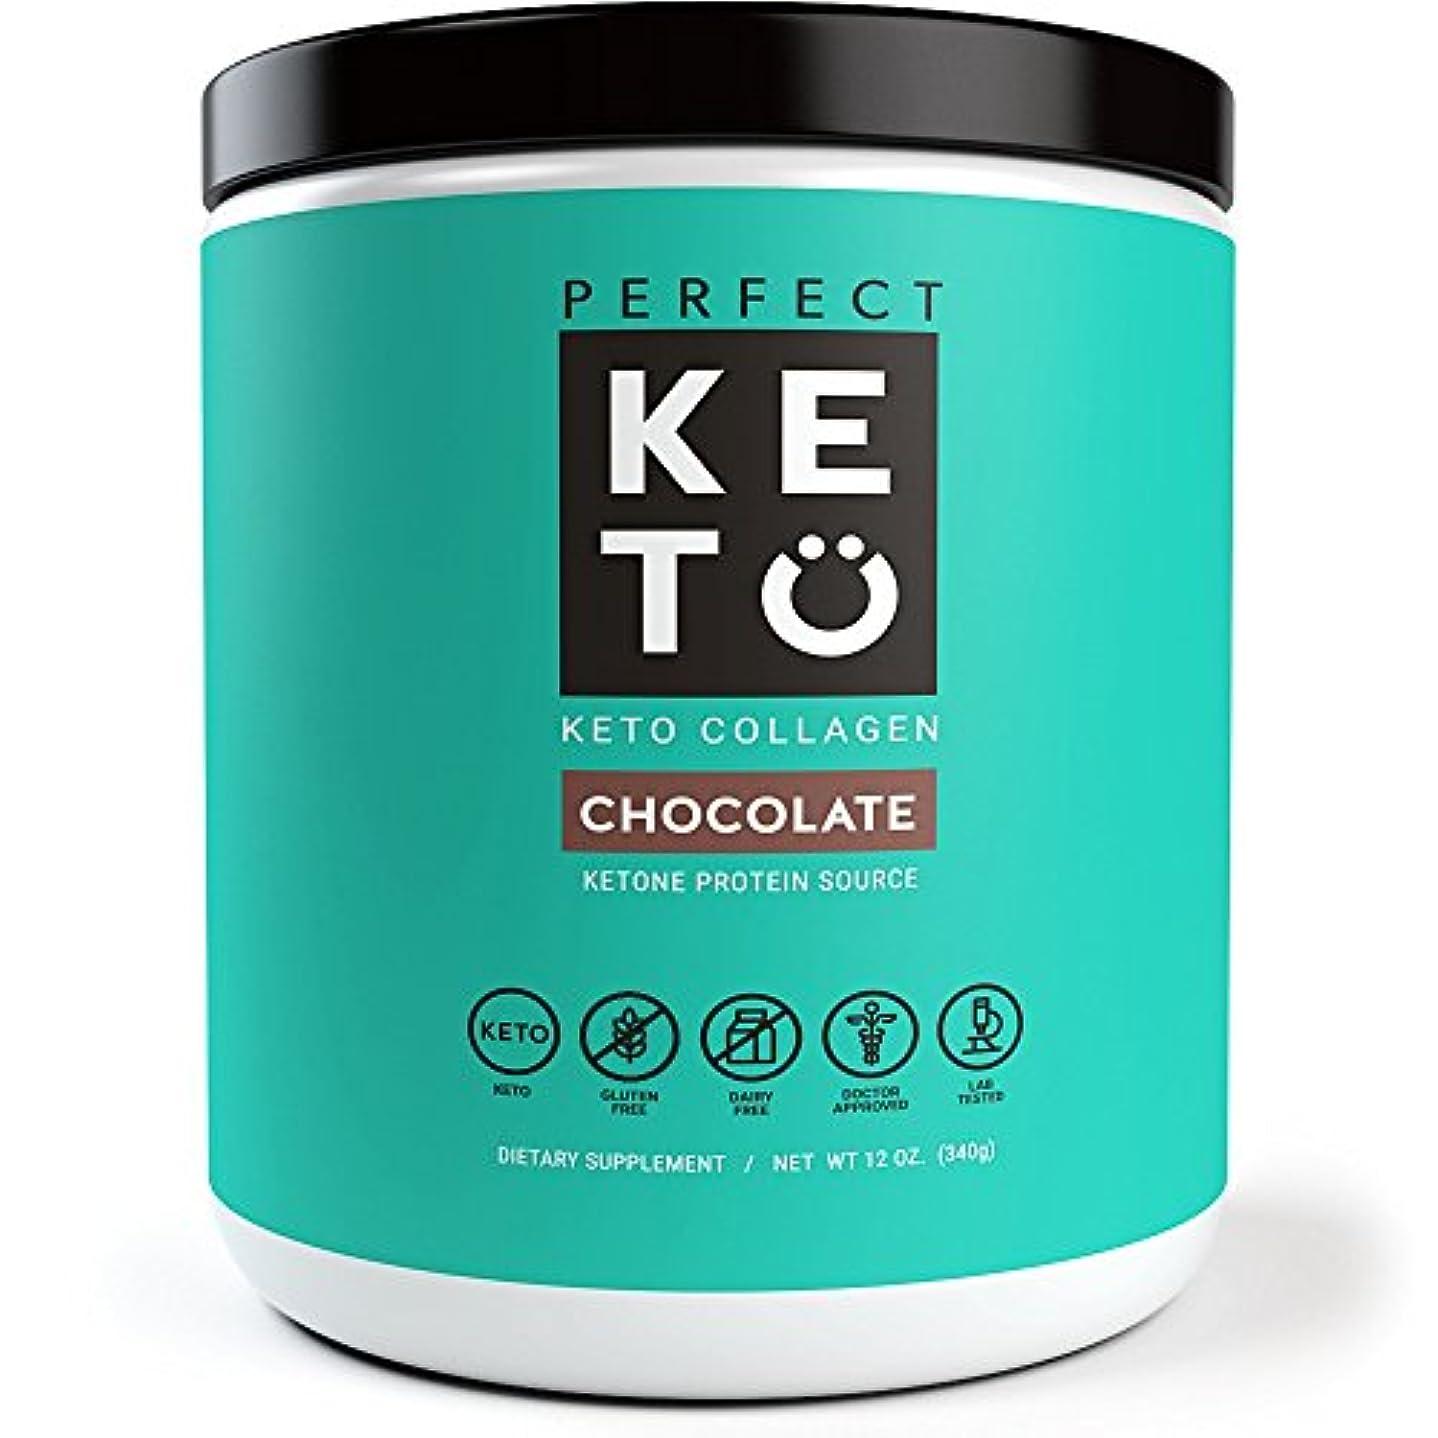 ラフ睡眠メンテナンス持ってるケト低糖質プロテインコラーゲンパウダー チョコレート味 340g by Perfect KETO [海外直送品]